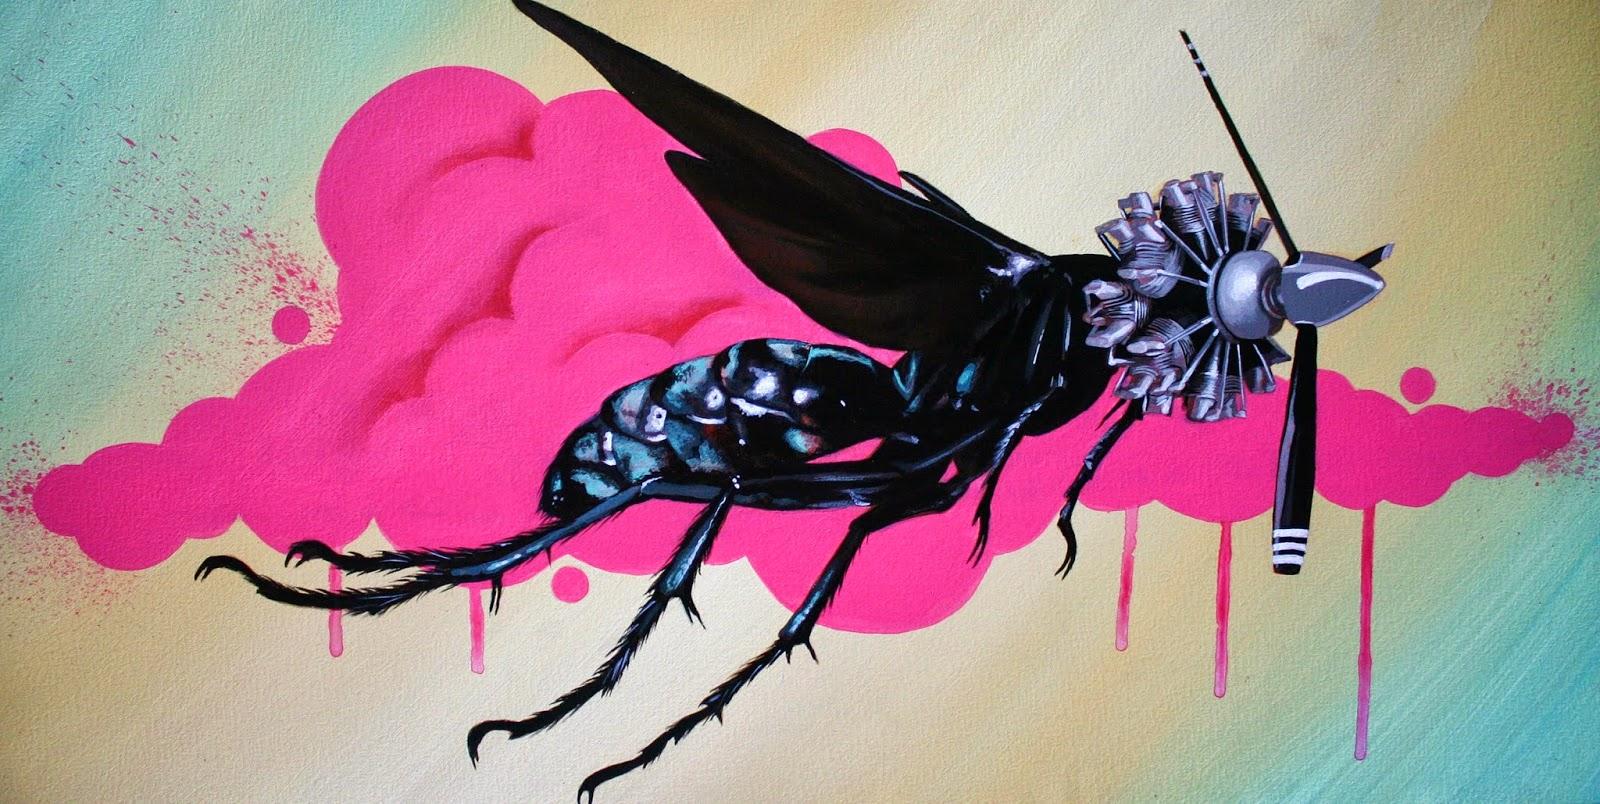 IMG:http://4.bp.blogspot.com/-ArWP11LqNUk/UlOnyqsg0UI/AAAAAAAA9Fc/d1X_Tvd01EU/s1600/Robert-Bowen-New-Biology-Pompilidae-Print.JPG